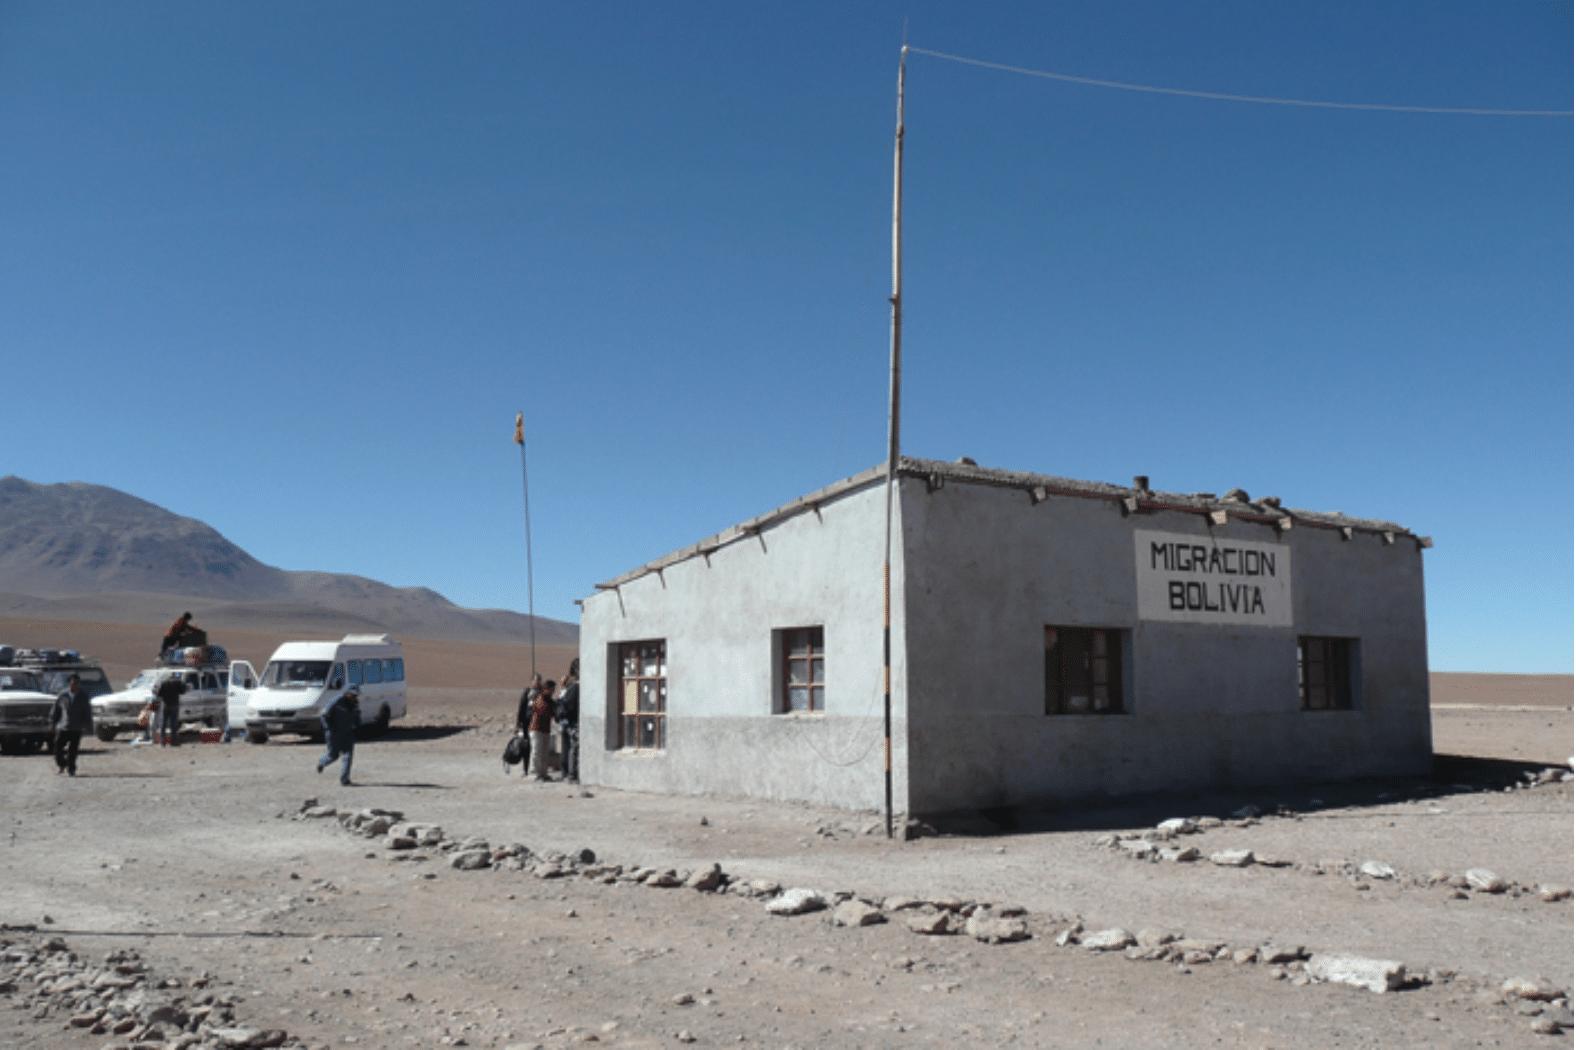 San Pedro de Atacama Migracion Bolivien